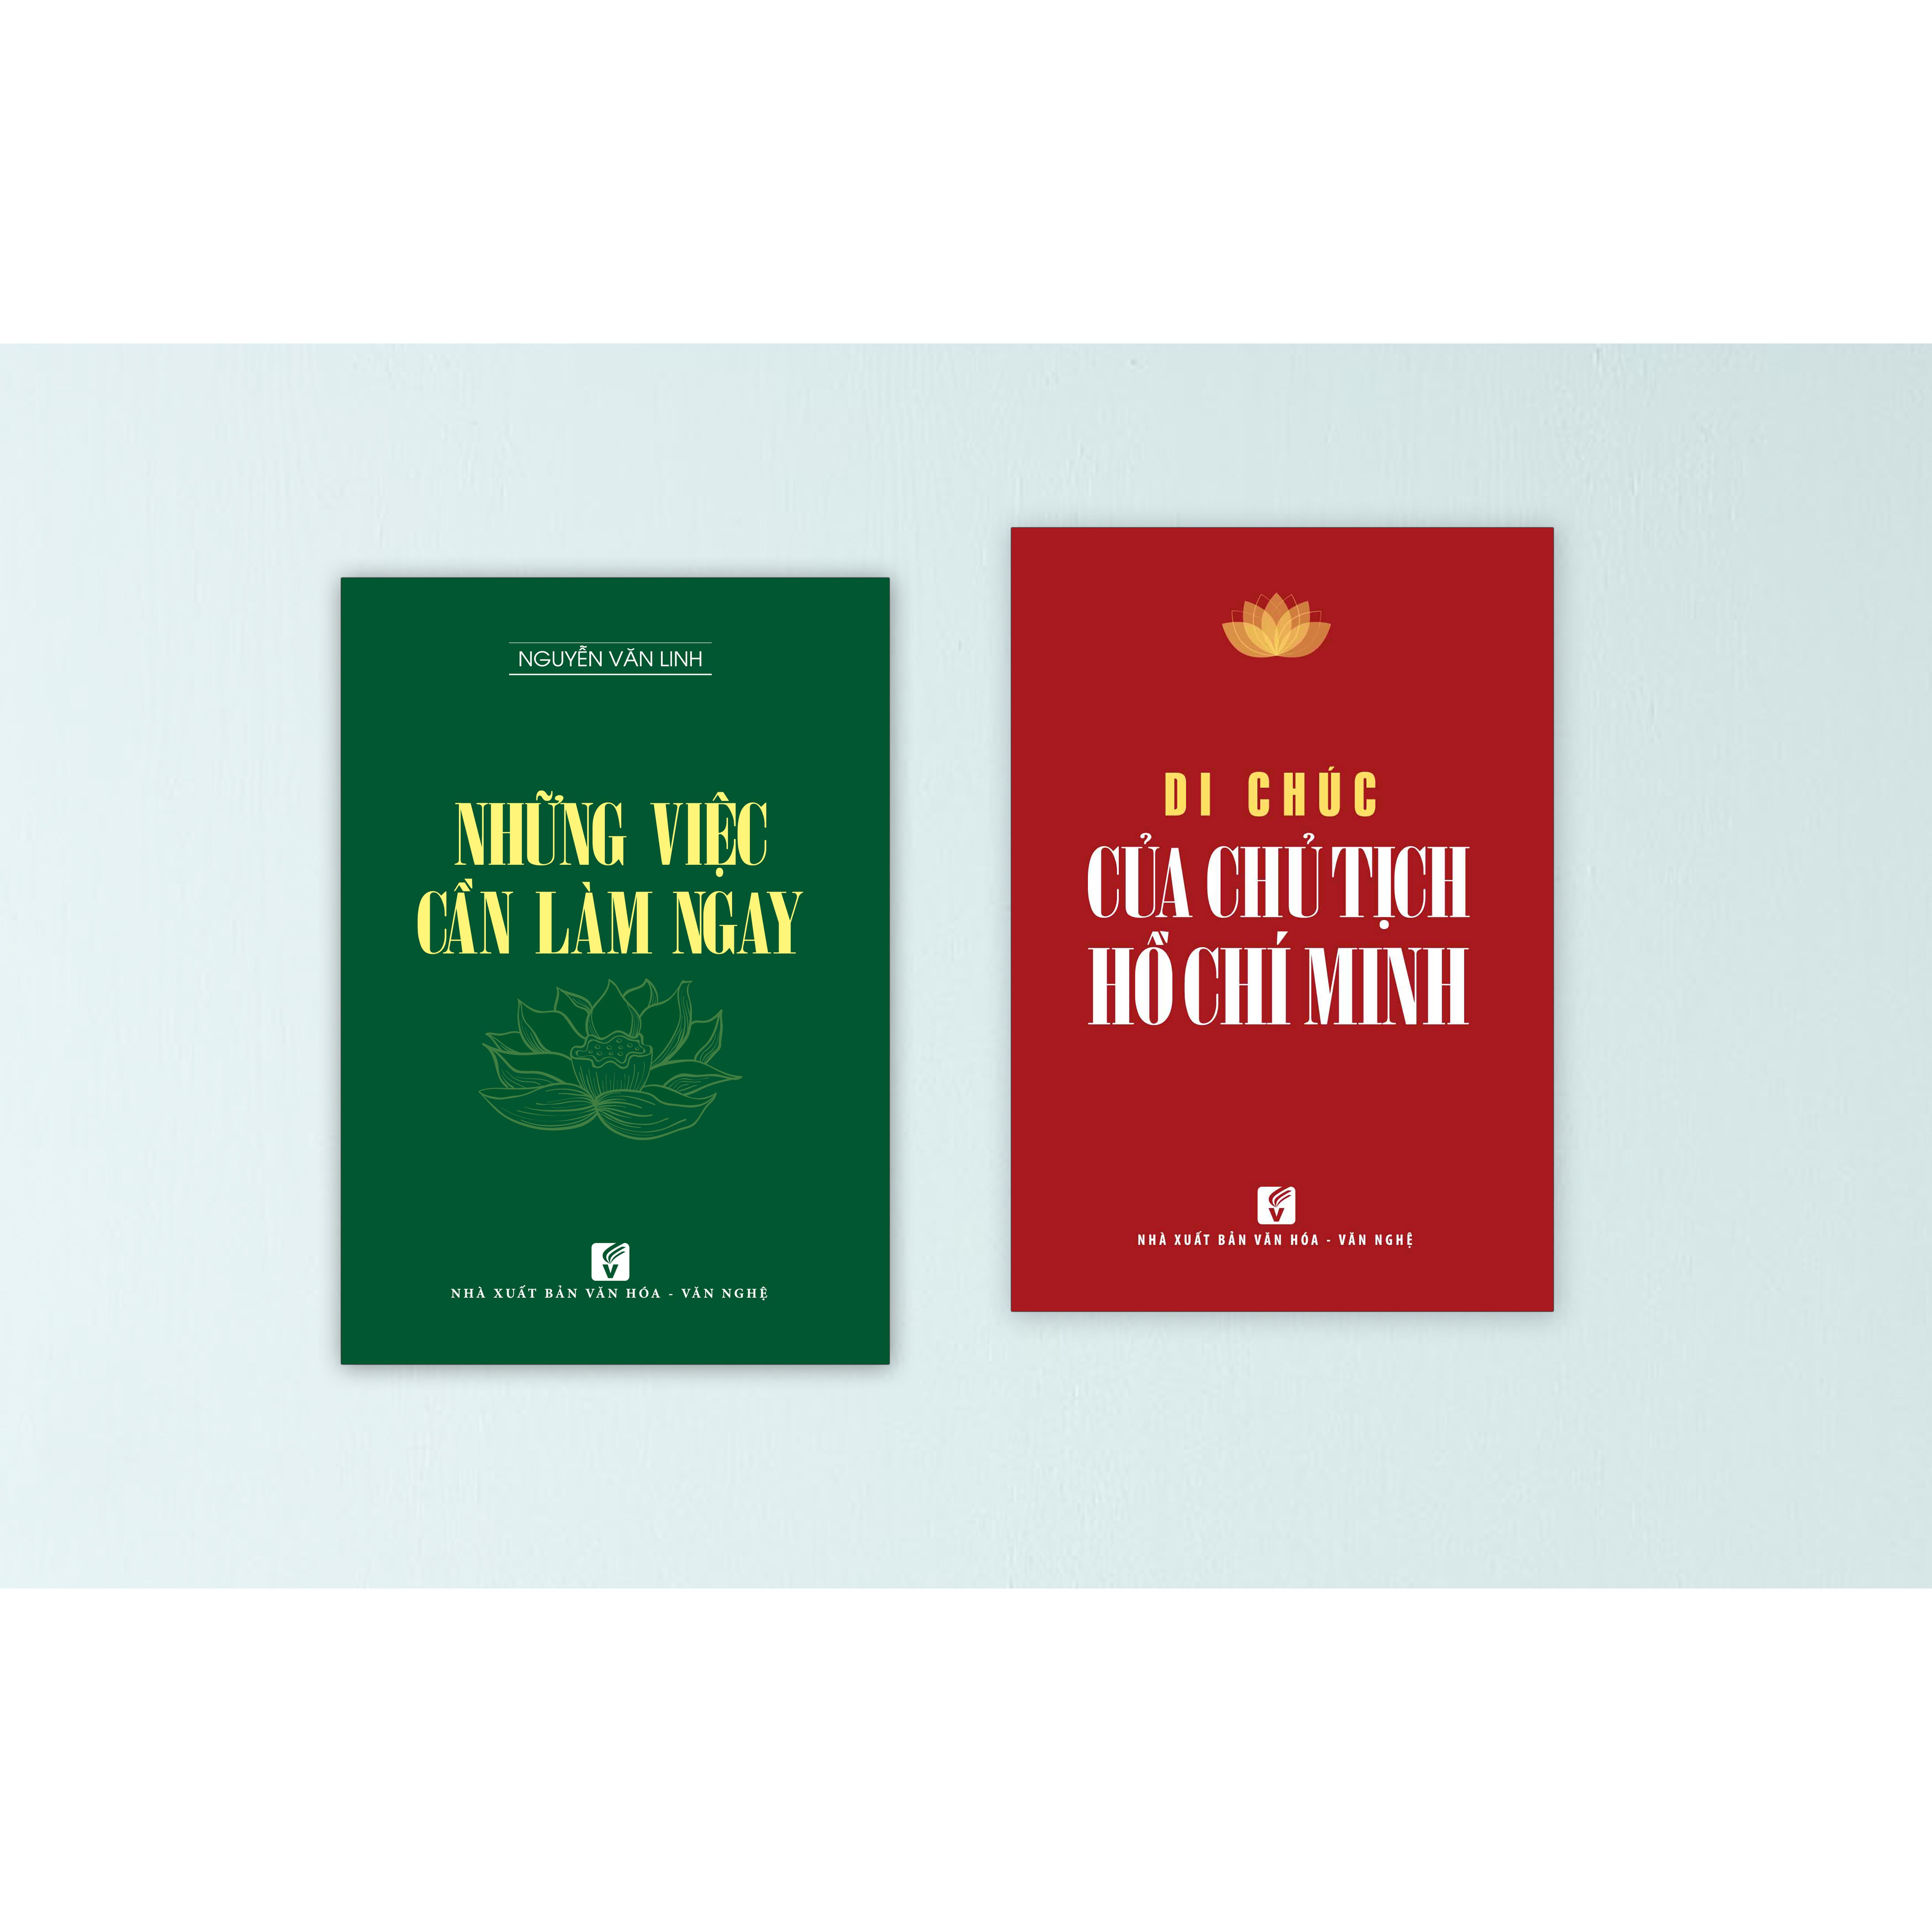 Combo Di chúc của Chủ tịch Hồ Chí Minh + Những việc cần làm ngay